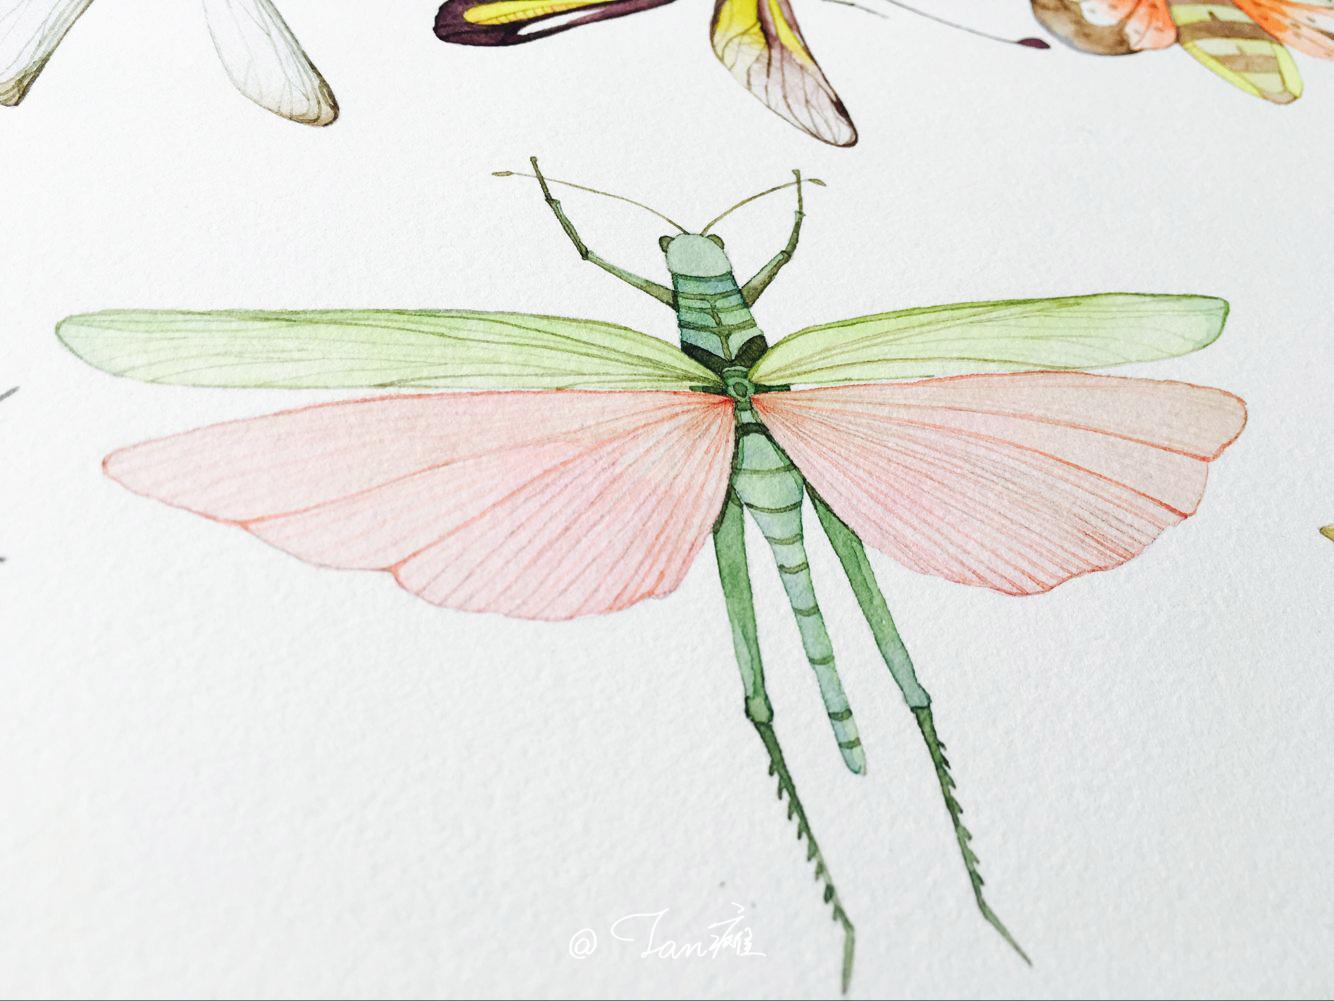 《昆虫》水彩手绘插画